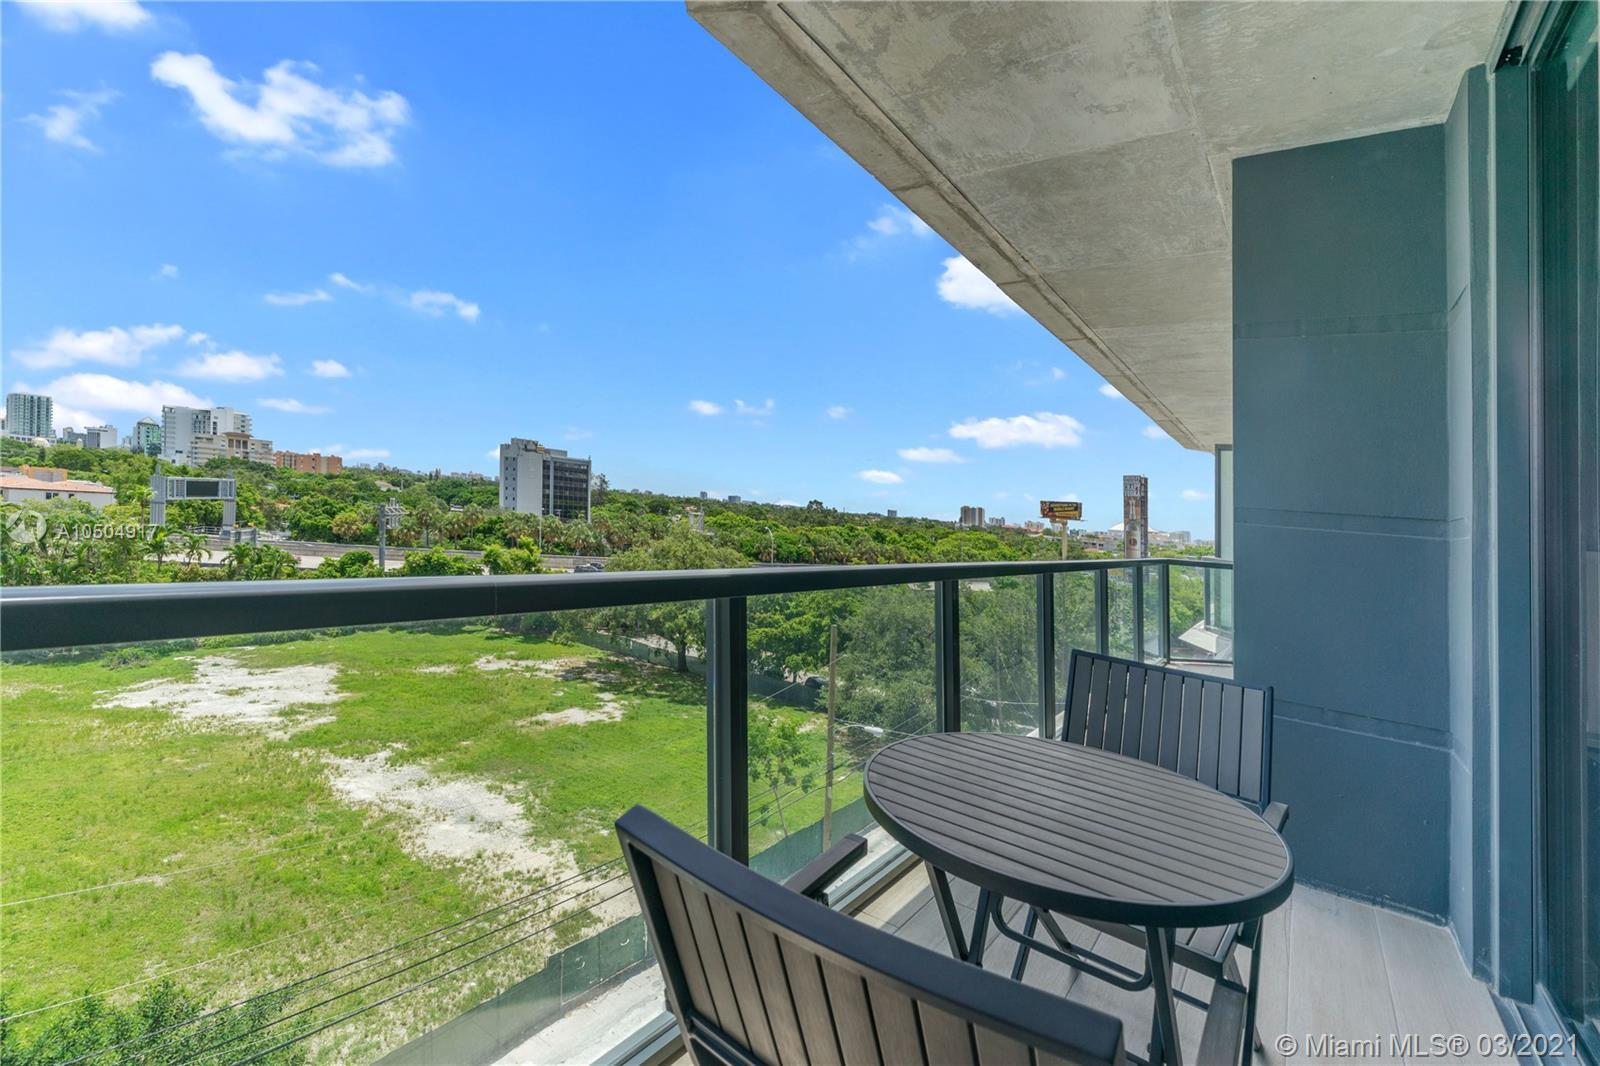 201 SW 17th Rd, Miami, FL 33129, Cassa Brickell #602, Brickell, Miami A10504917 image #10